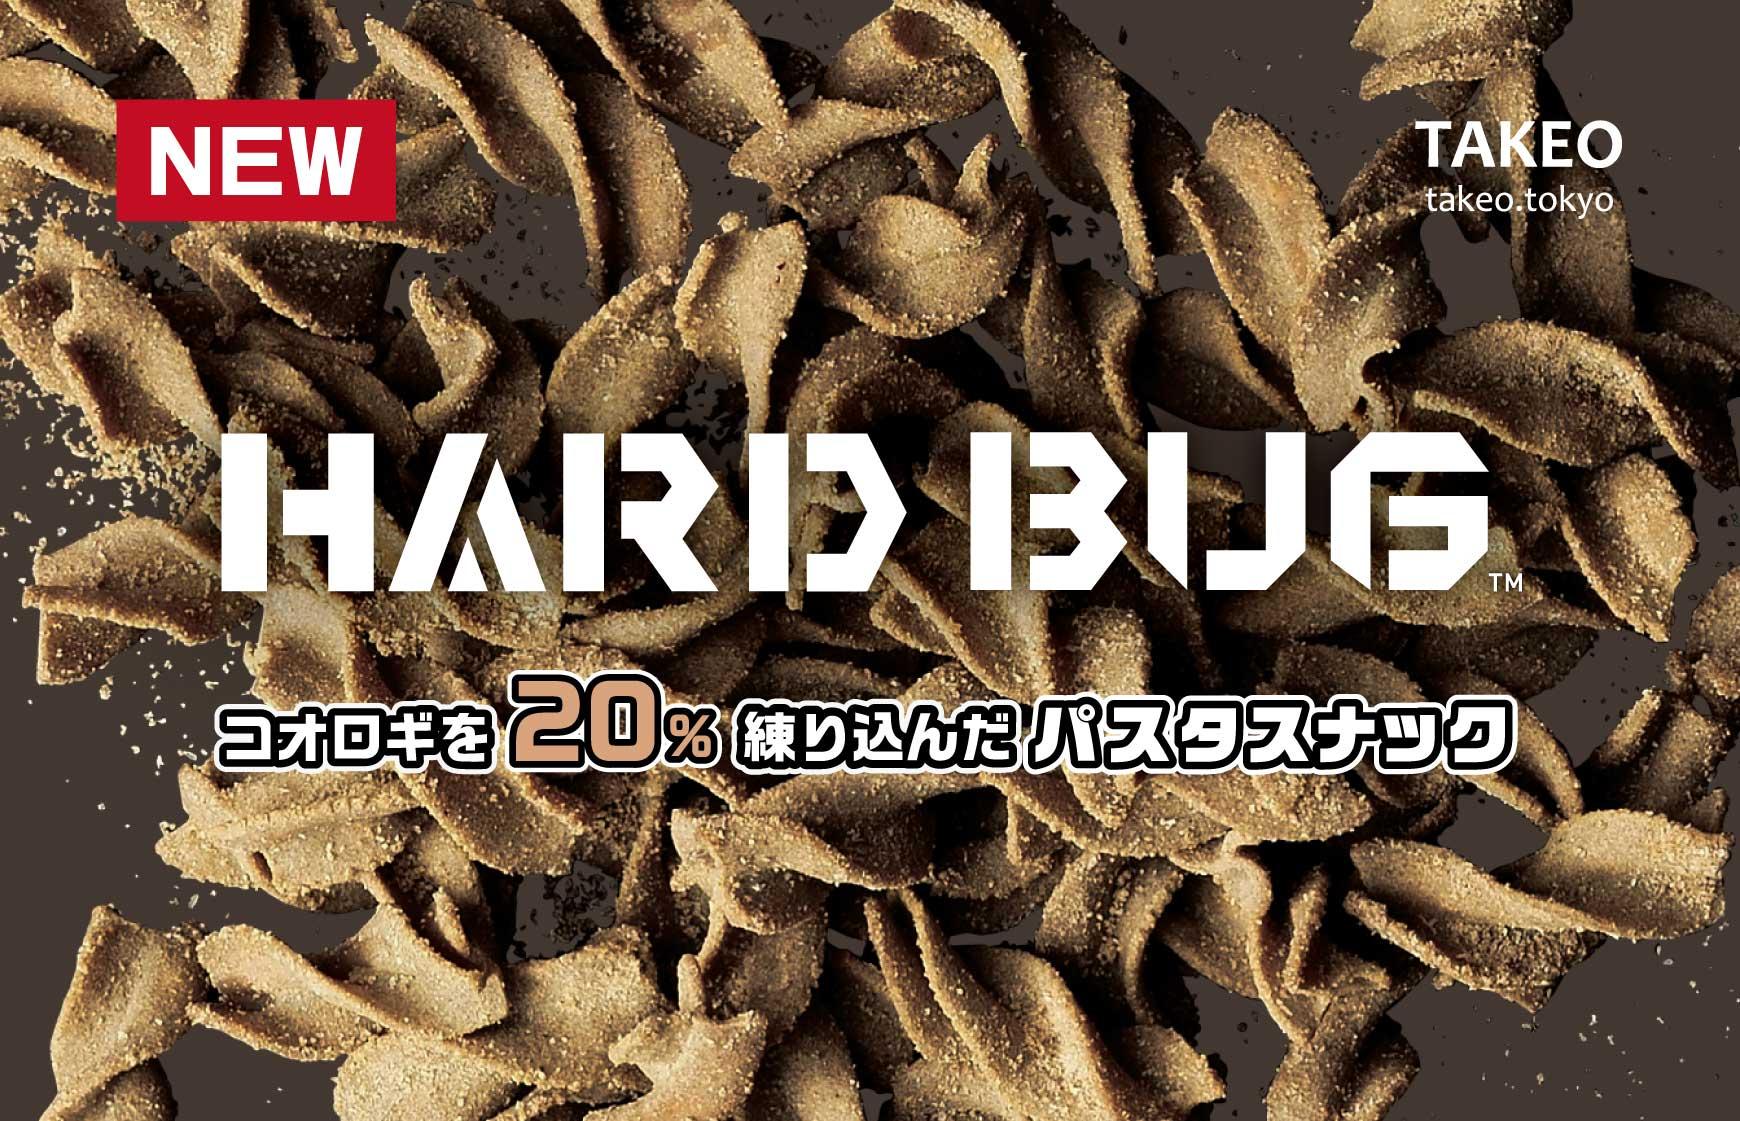 ハードバグ HARD BUG コオロギを20%練り込んだパスタスナック